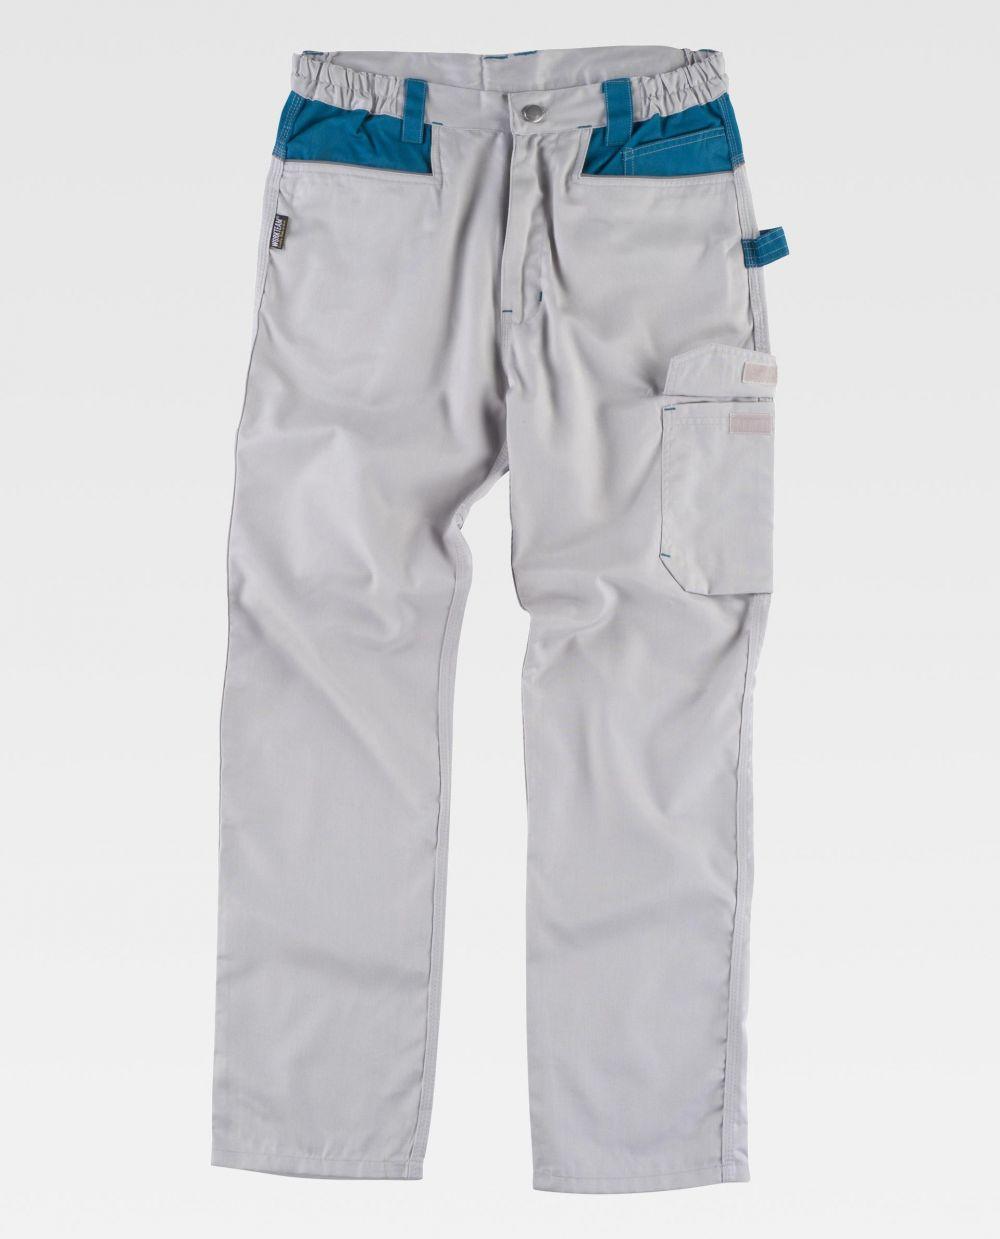 Pantalones de trabajo workteam wf1050 de poliéster con impresión vista 2